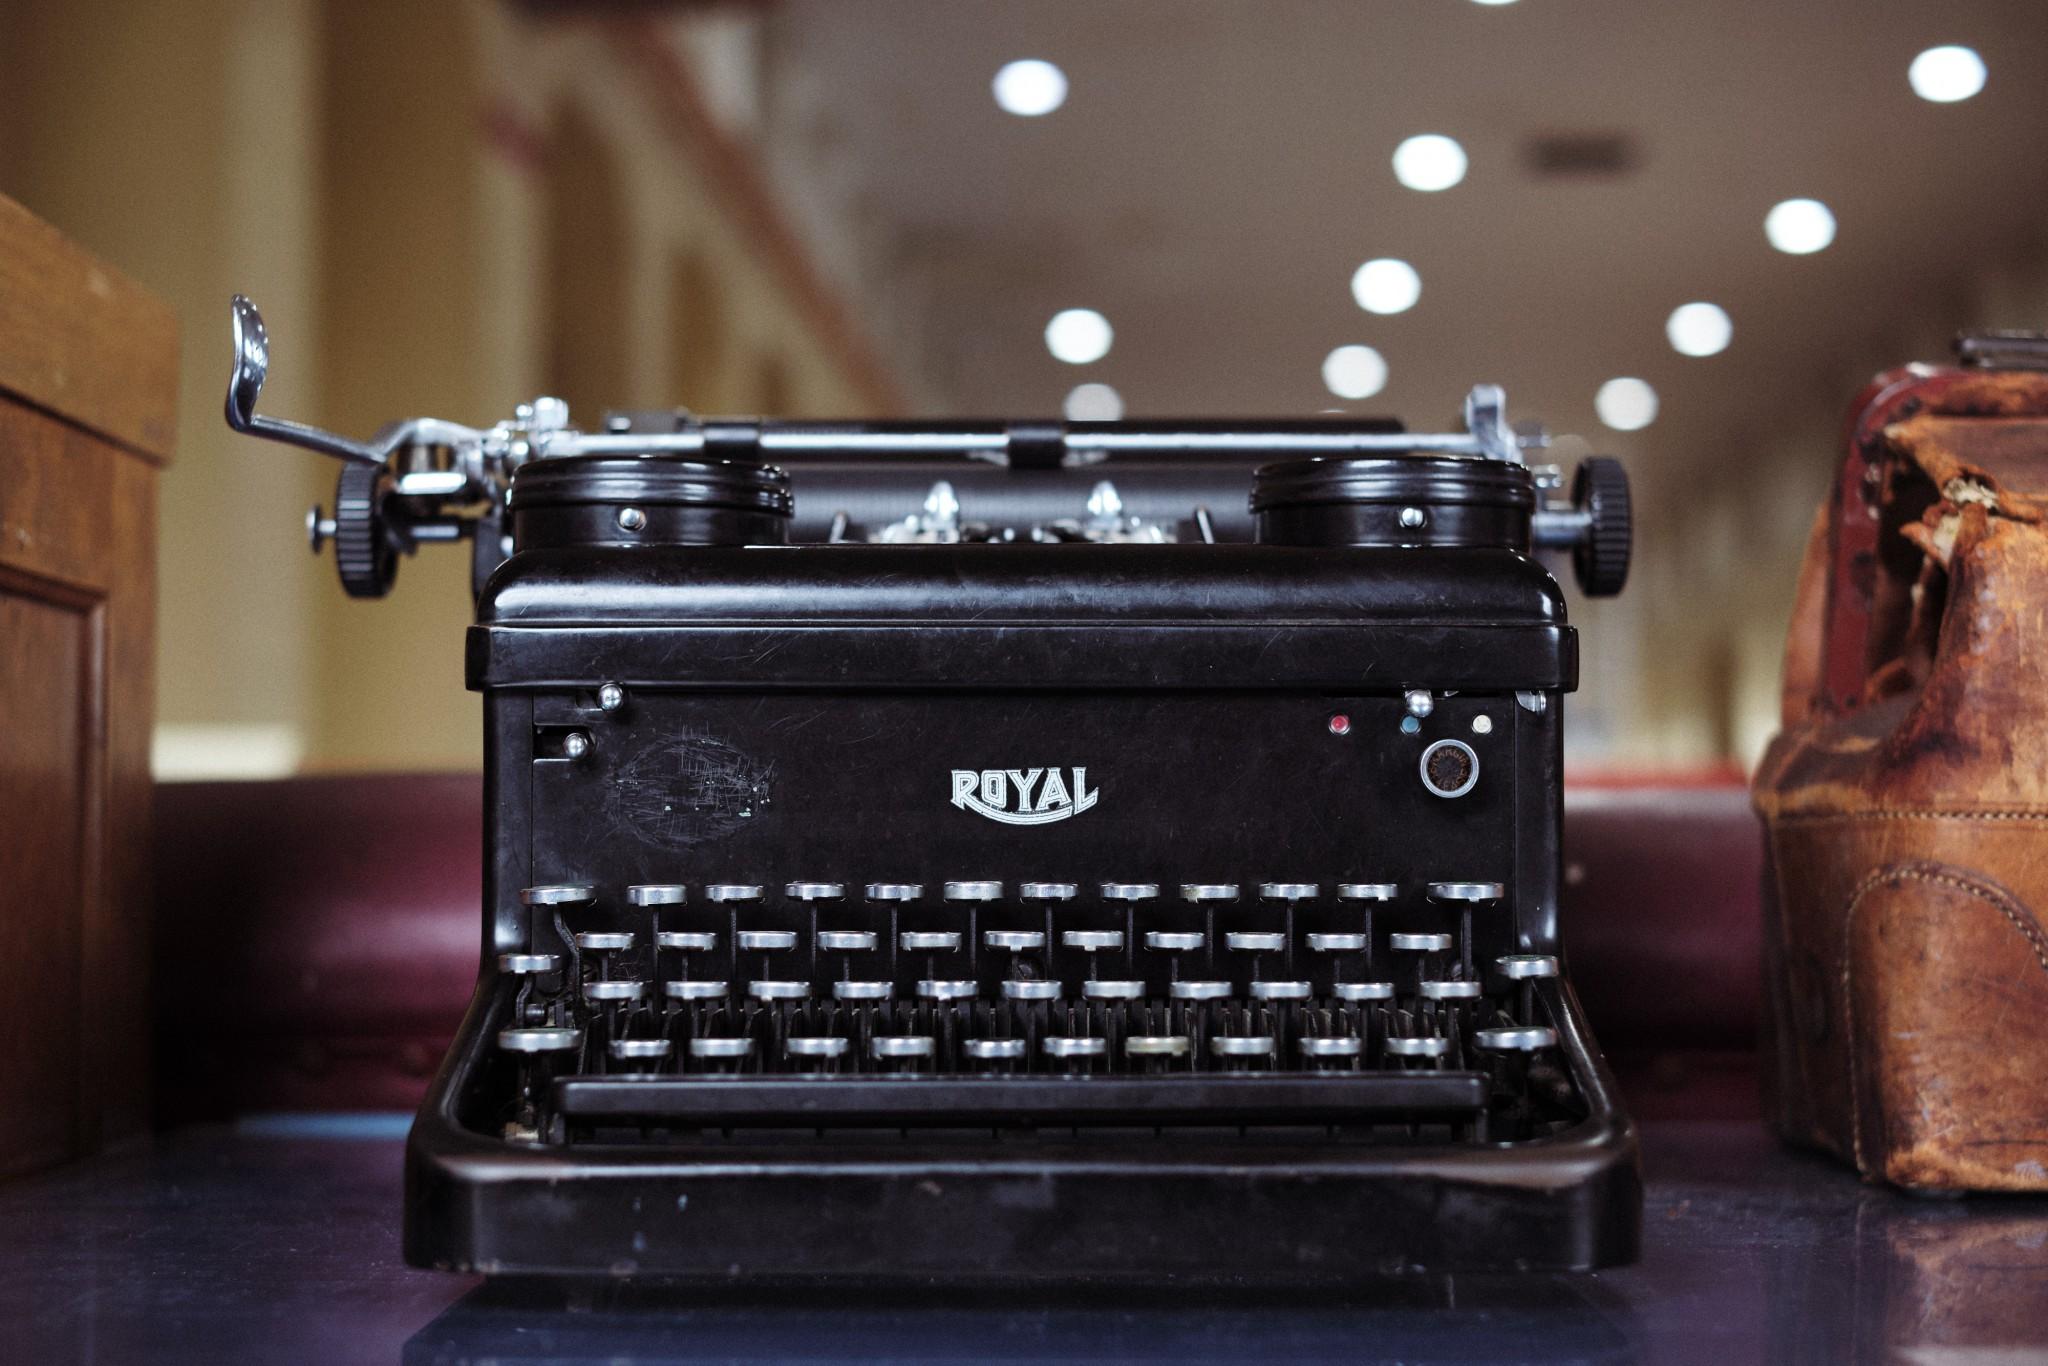 06---Royal-typewriter.jpg